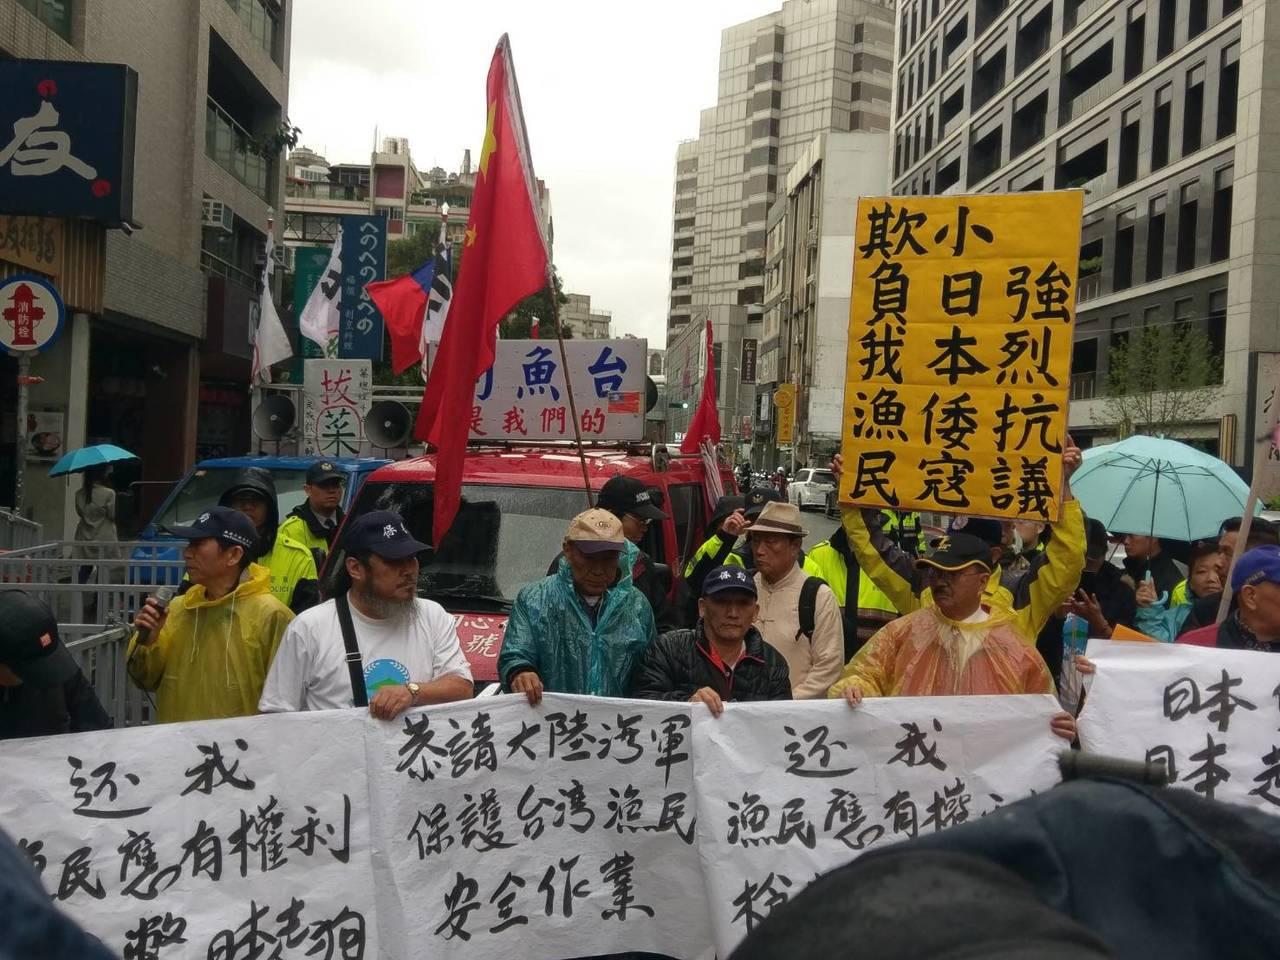 抗議團體在日本台灣交流協會外抗議。記者徐偉真/攝影